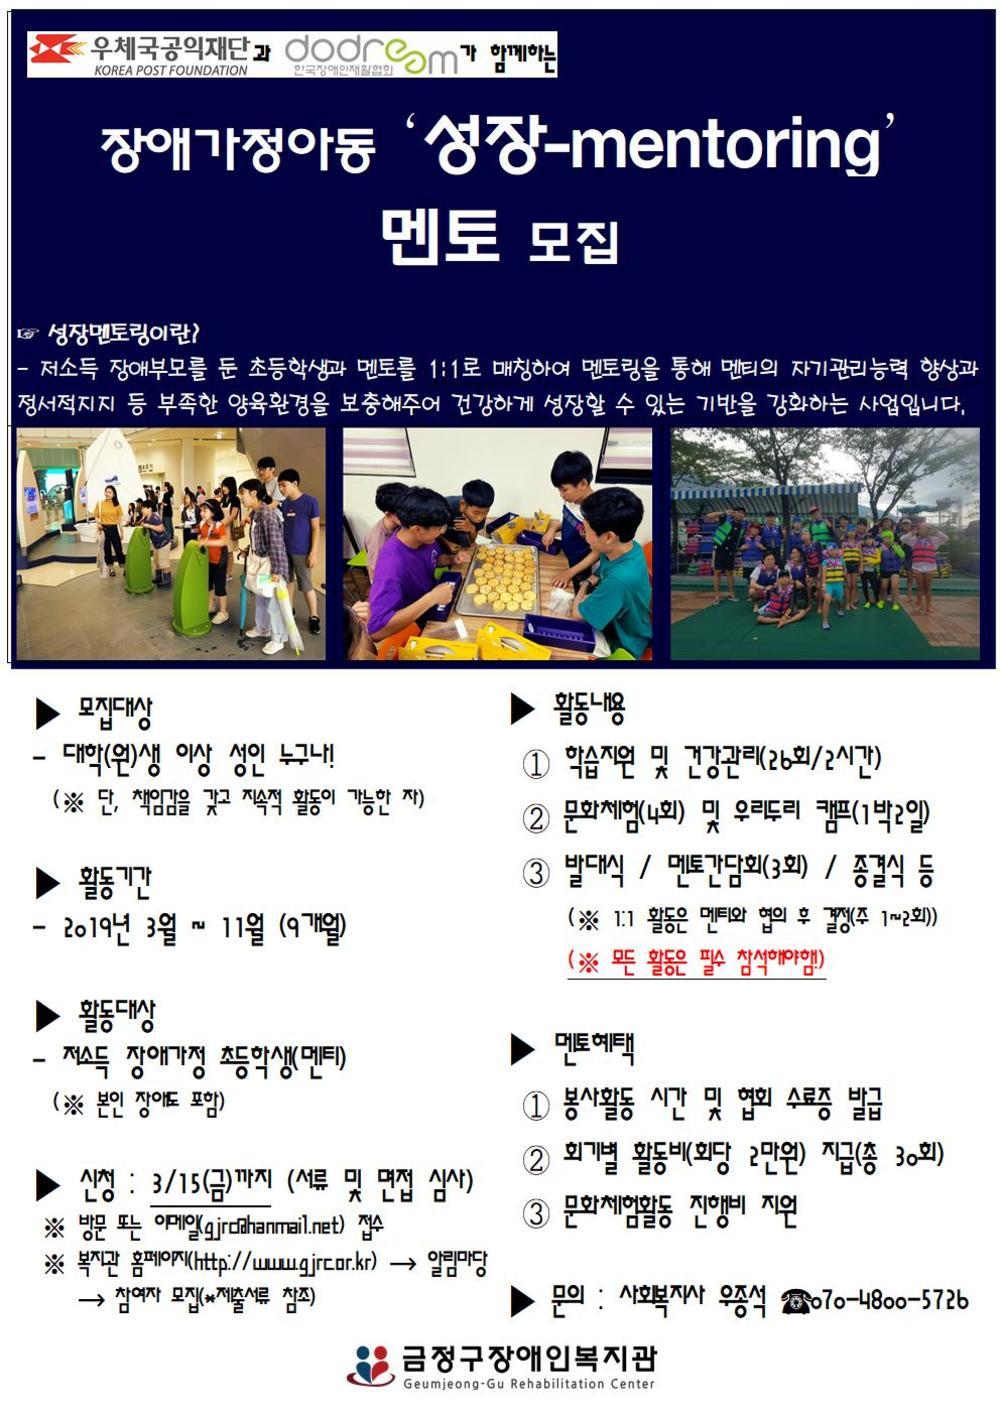 2019년 장애가정아동 멘토링 프로그램